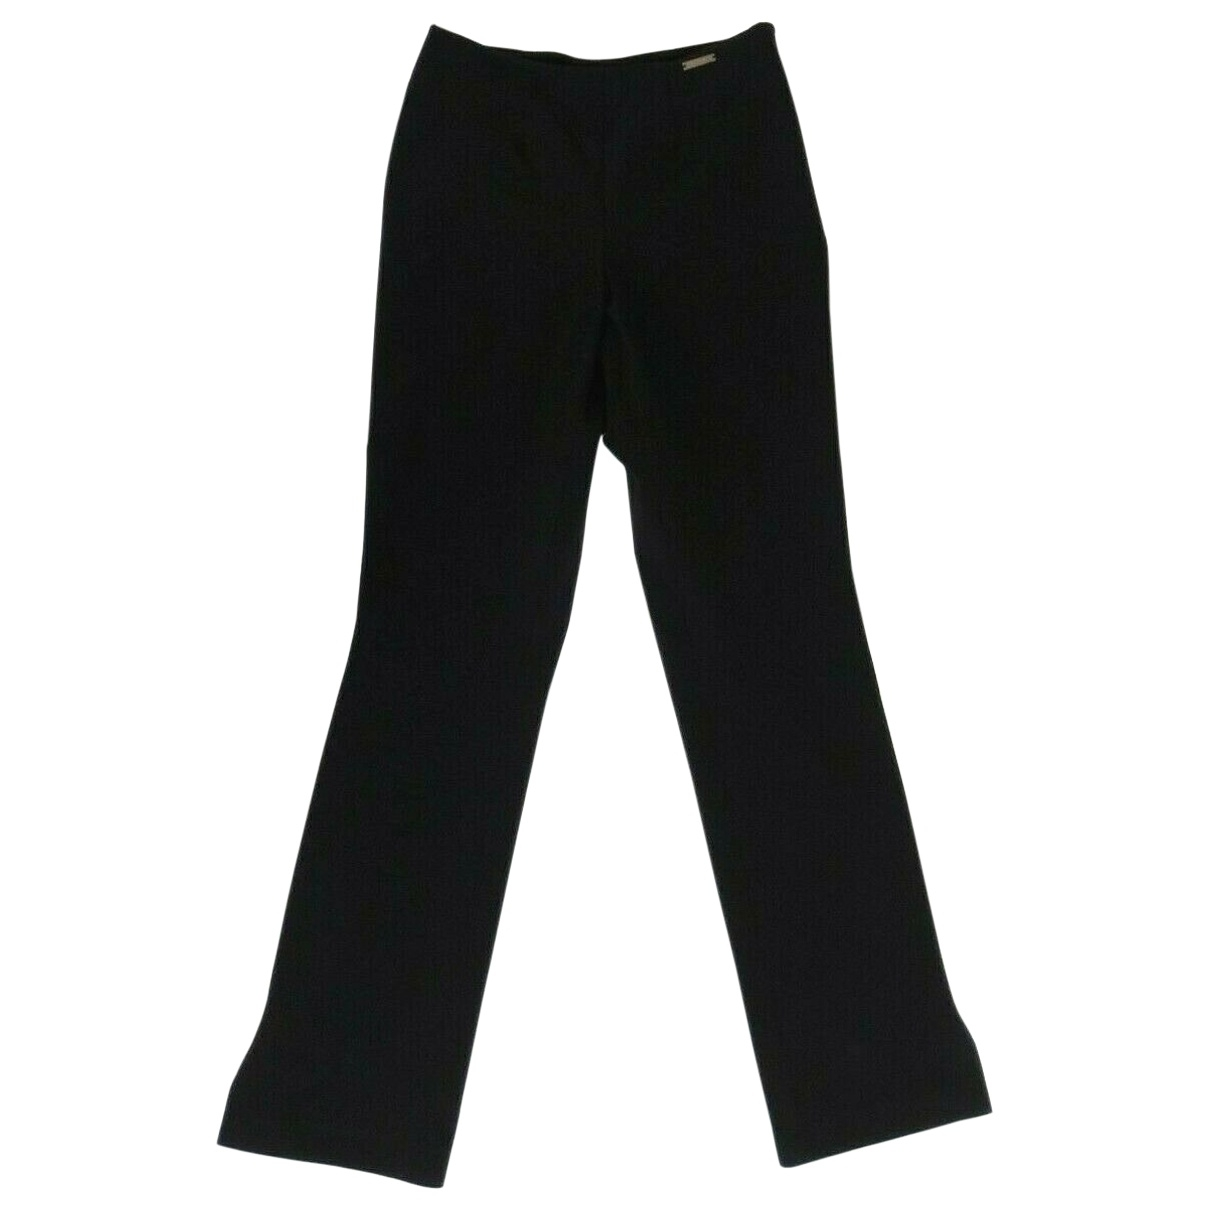 Ted Baker \N Black Trousers for Women 1 0-5